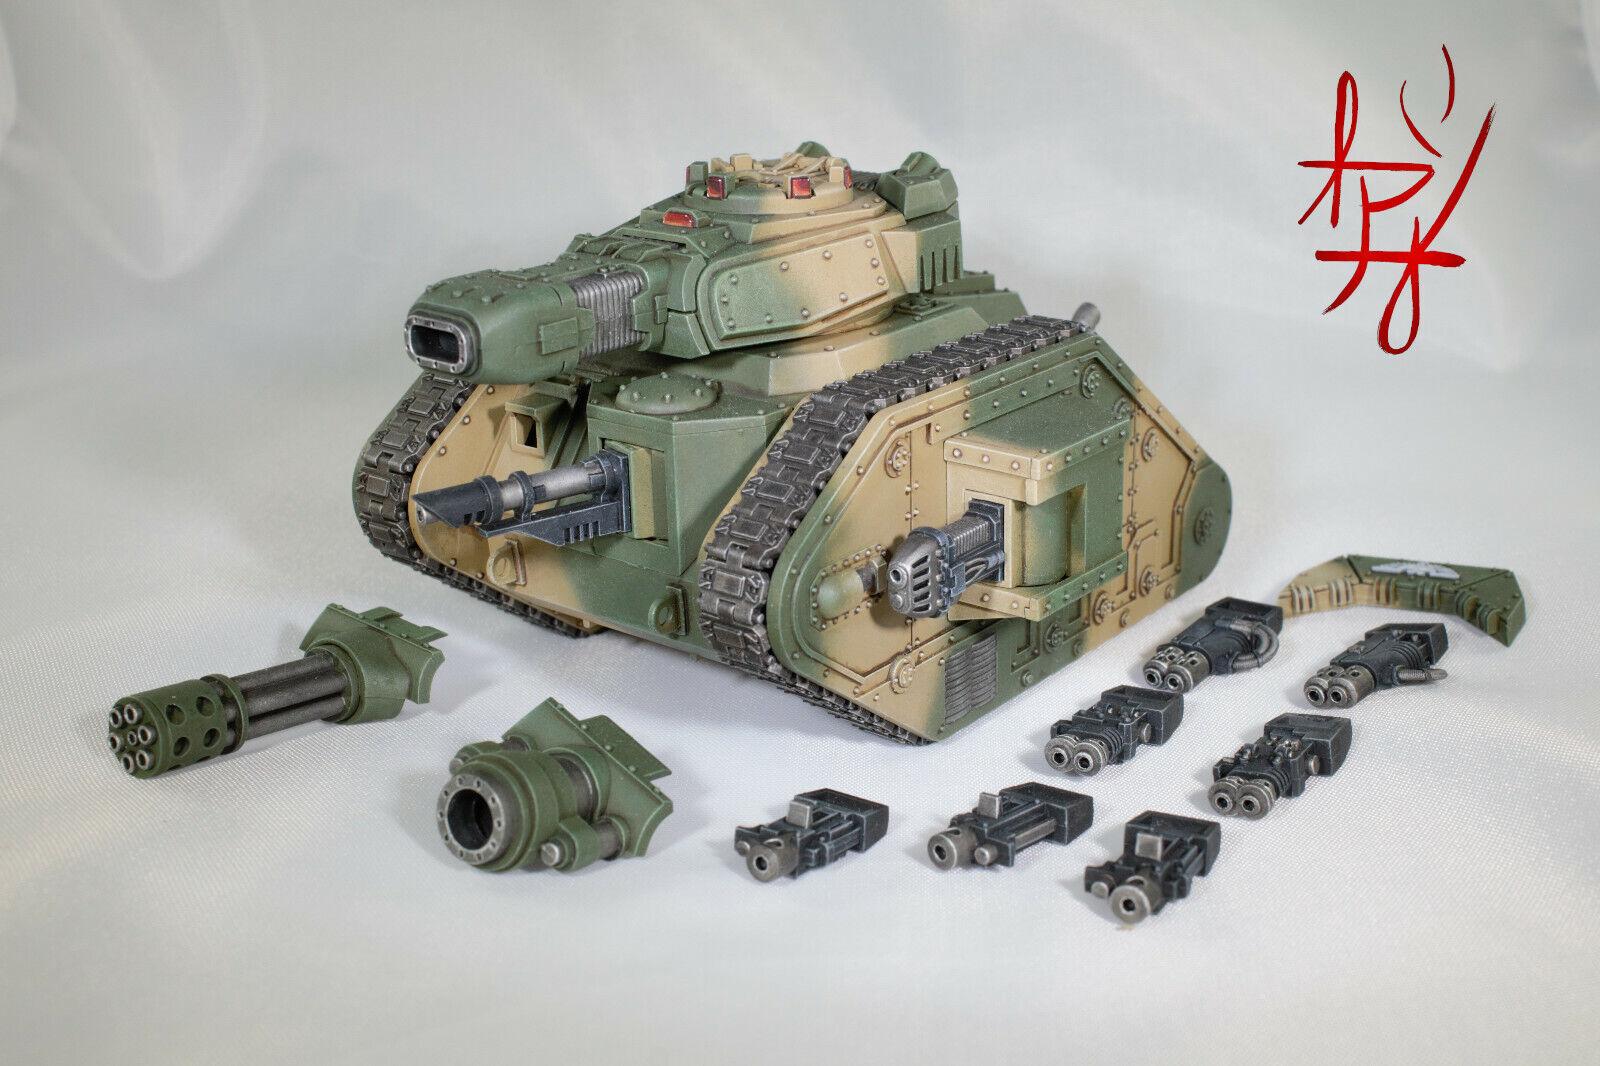 Signature US Artisan  40k Built, Painted & Magnetized Lehomme Russ Demolisher Tank  vente en ligne économiser 70%